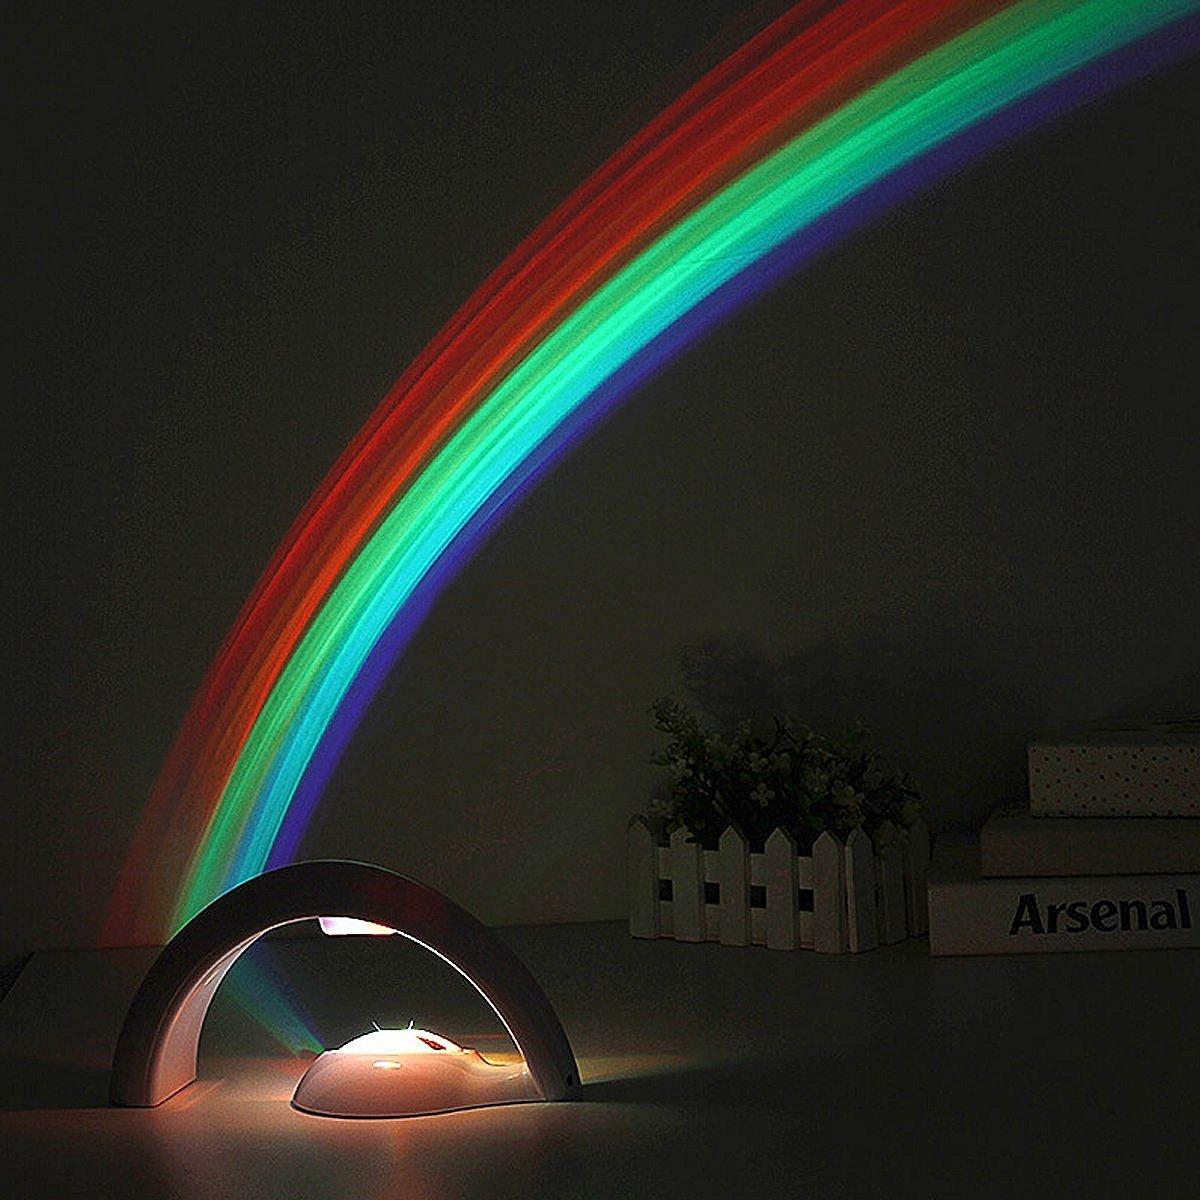 Amteker Regenbogen Projektor LED Licht Reflexion, Magisches Buntes Regenbogen Licht, Kinderzimmer Projektor Licht - Glücklicher Regenbogen - Geschenk für Kinder